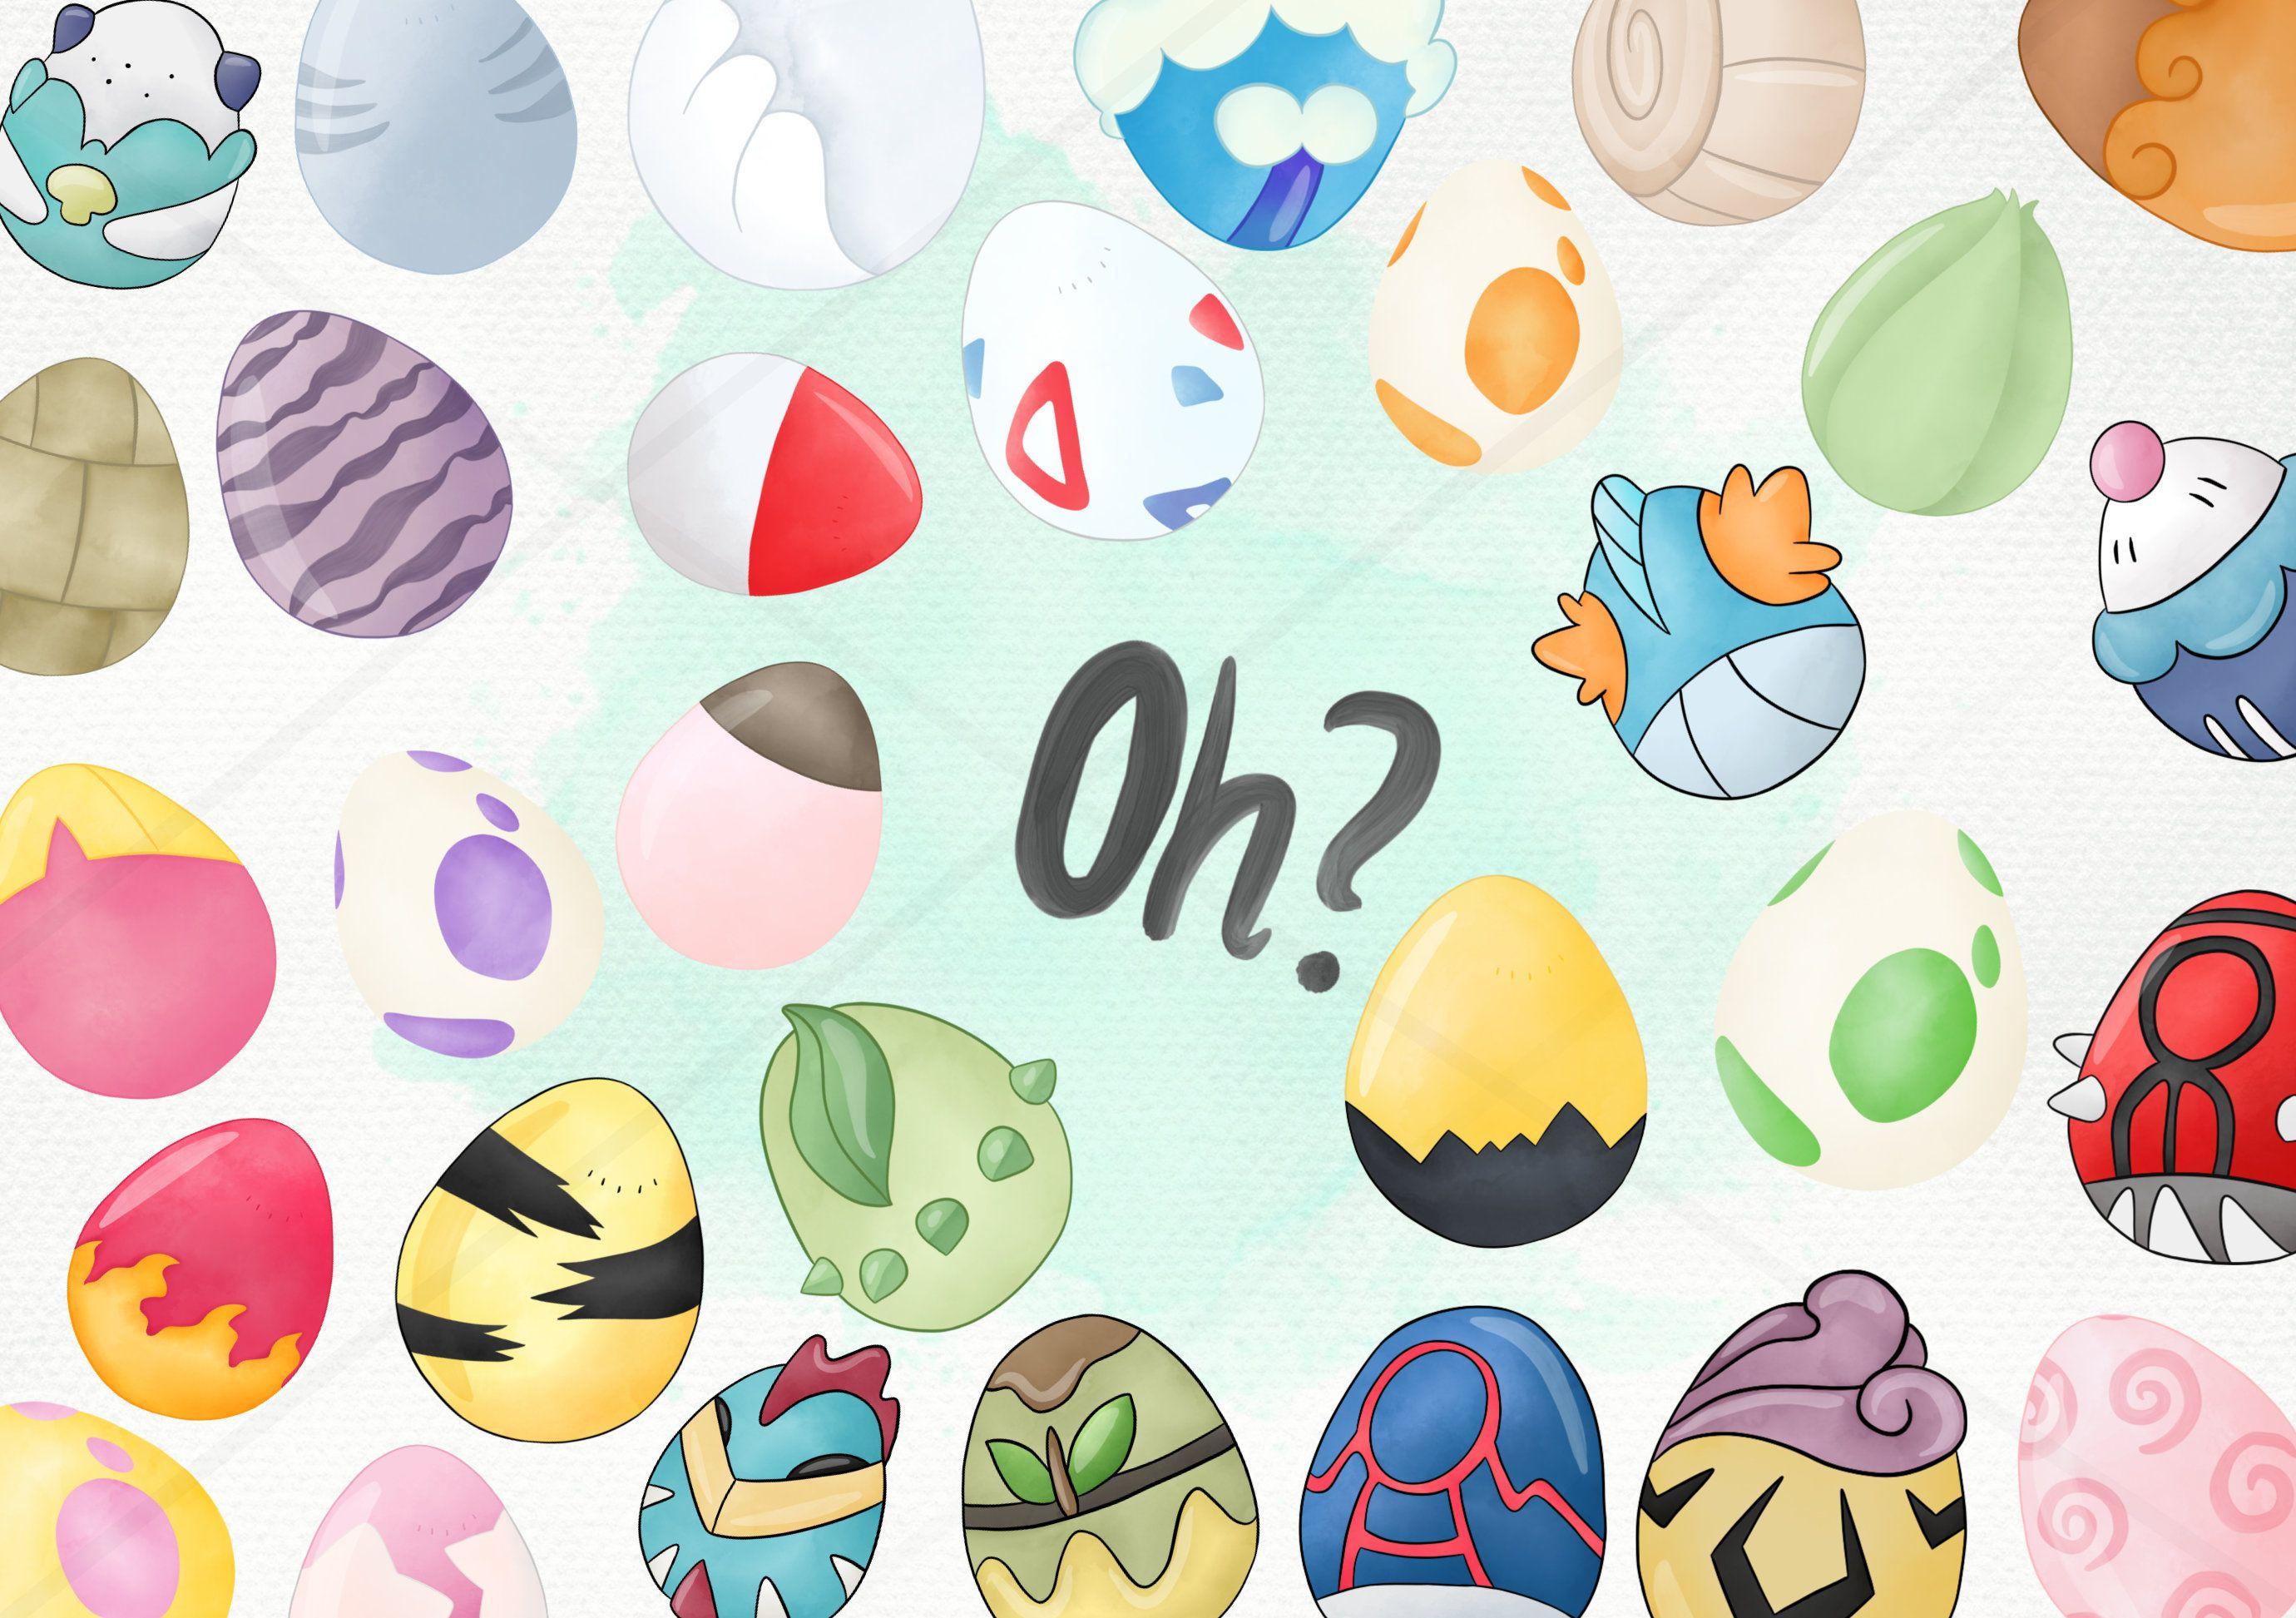 30 Clipart Easter Egg Watercolor Pokemon Go Inspired Instant Etsy Egg Watercolor Pokemon Clip Art